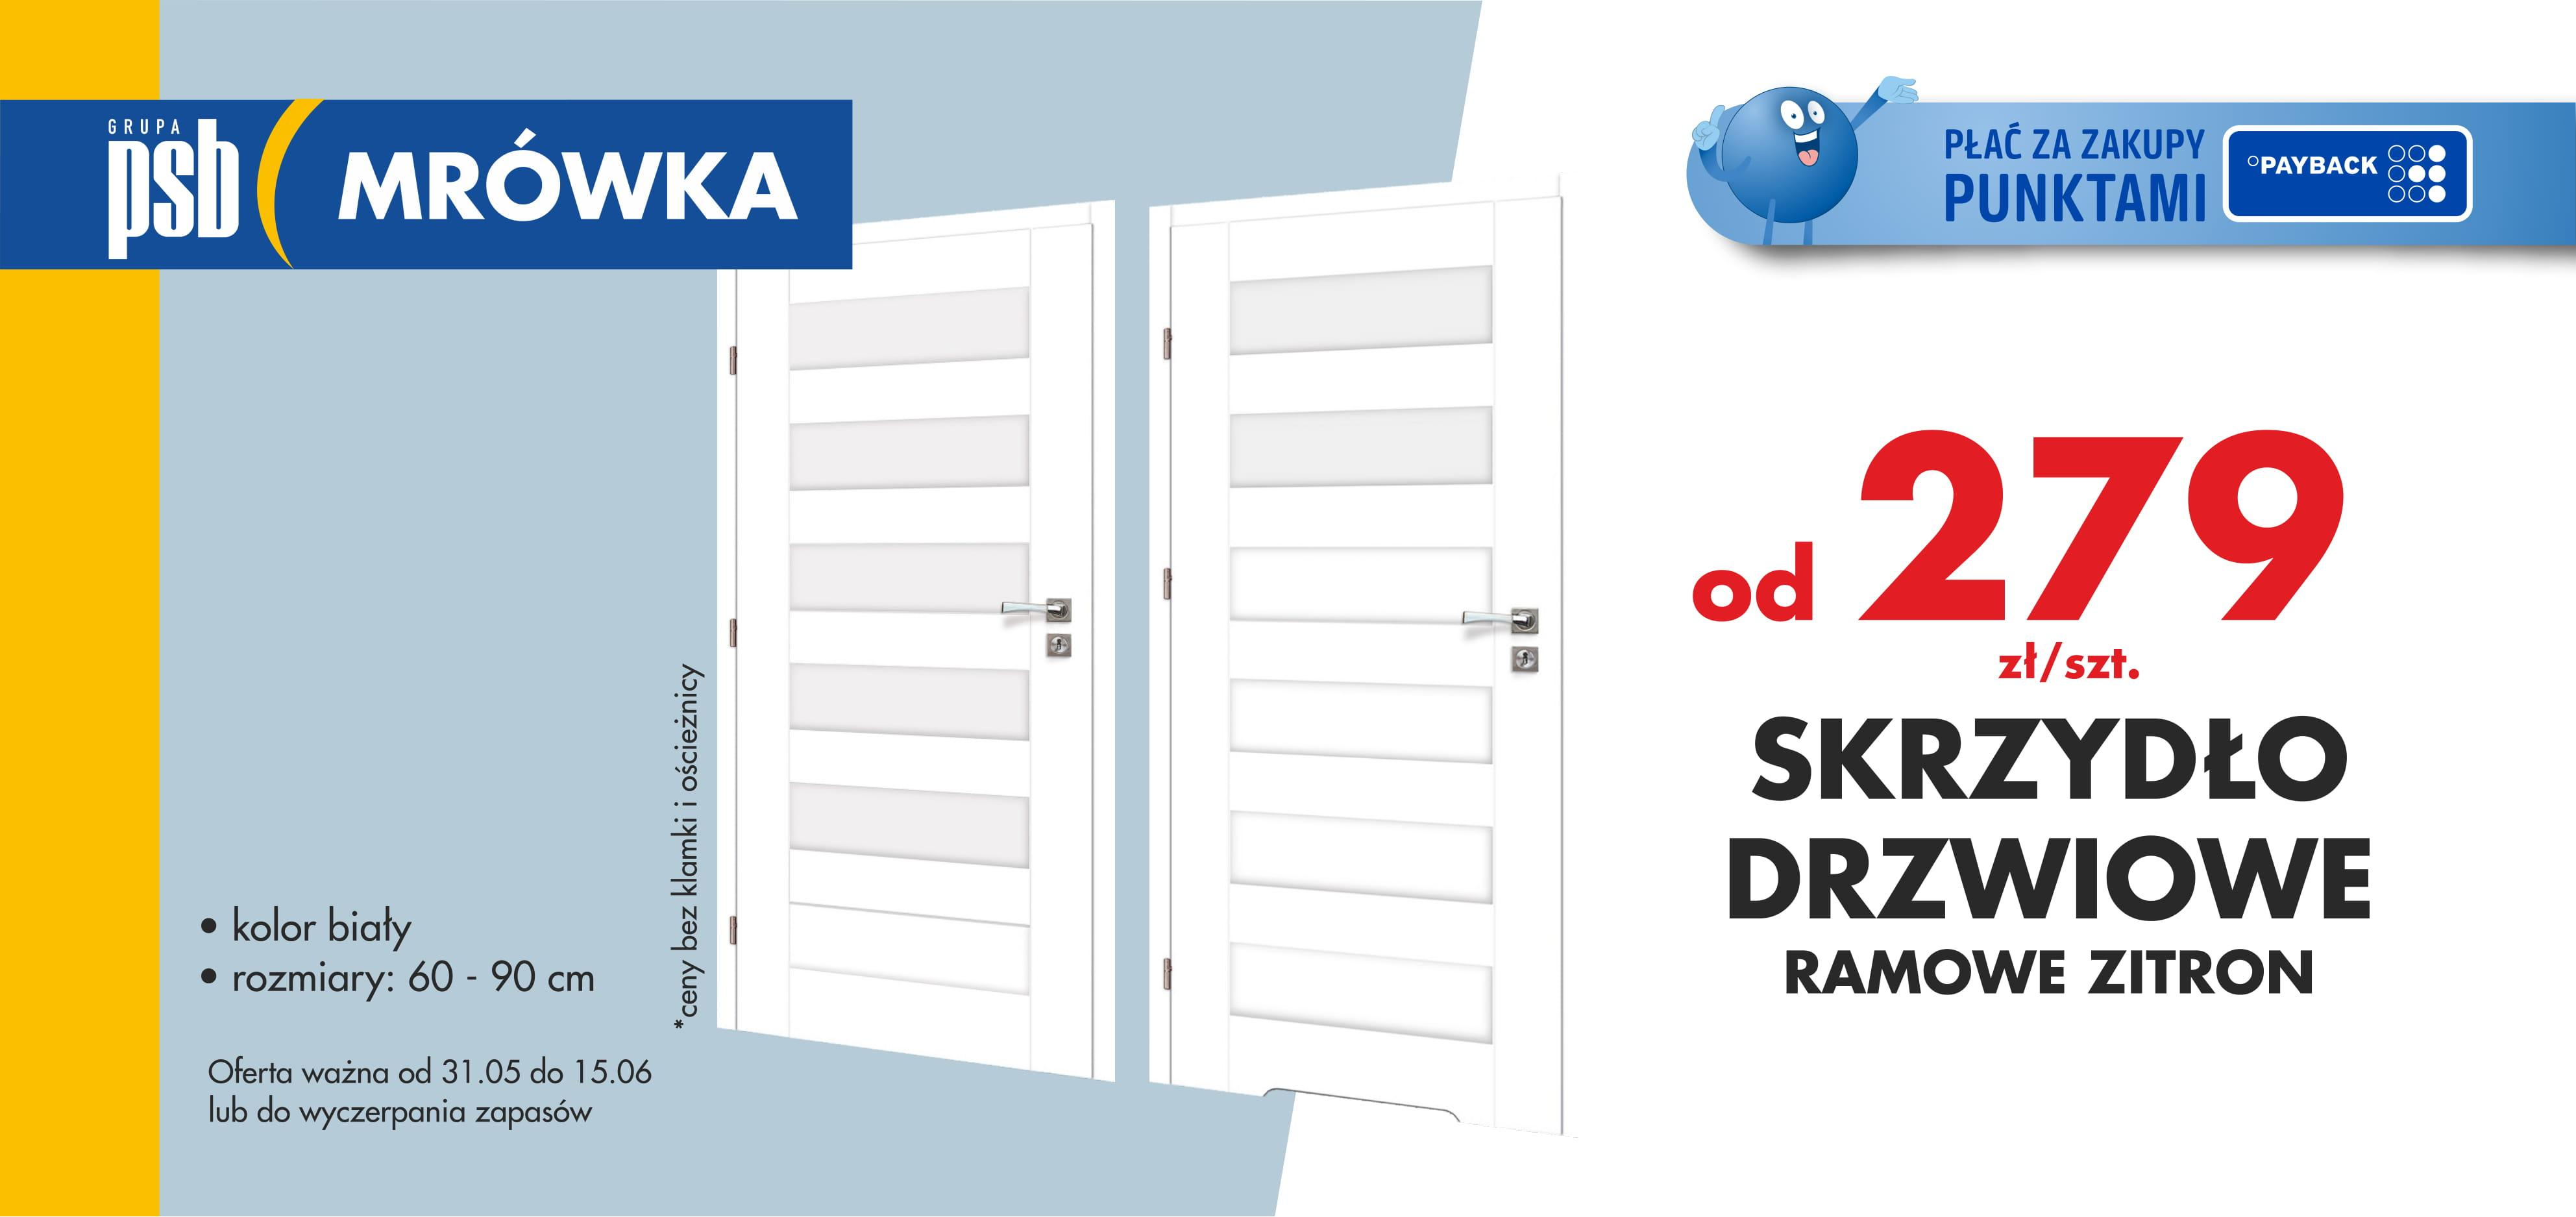 Drzwi-Zitron-504x238-1